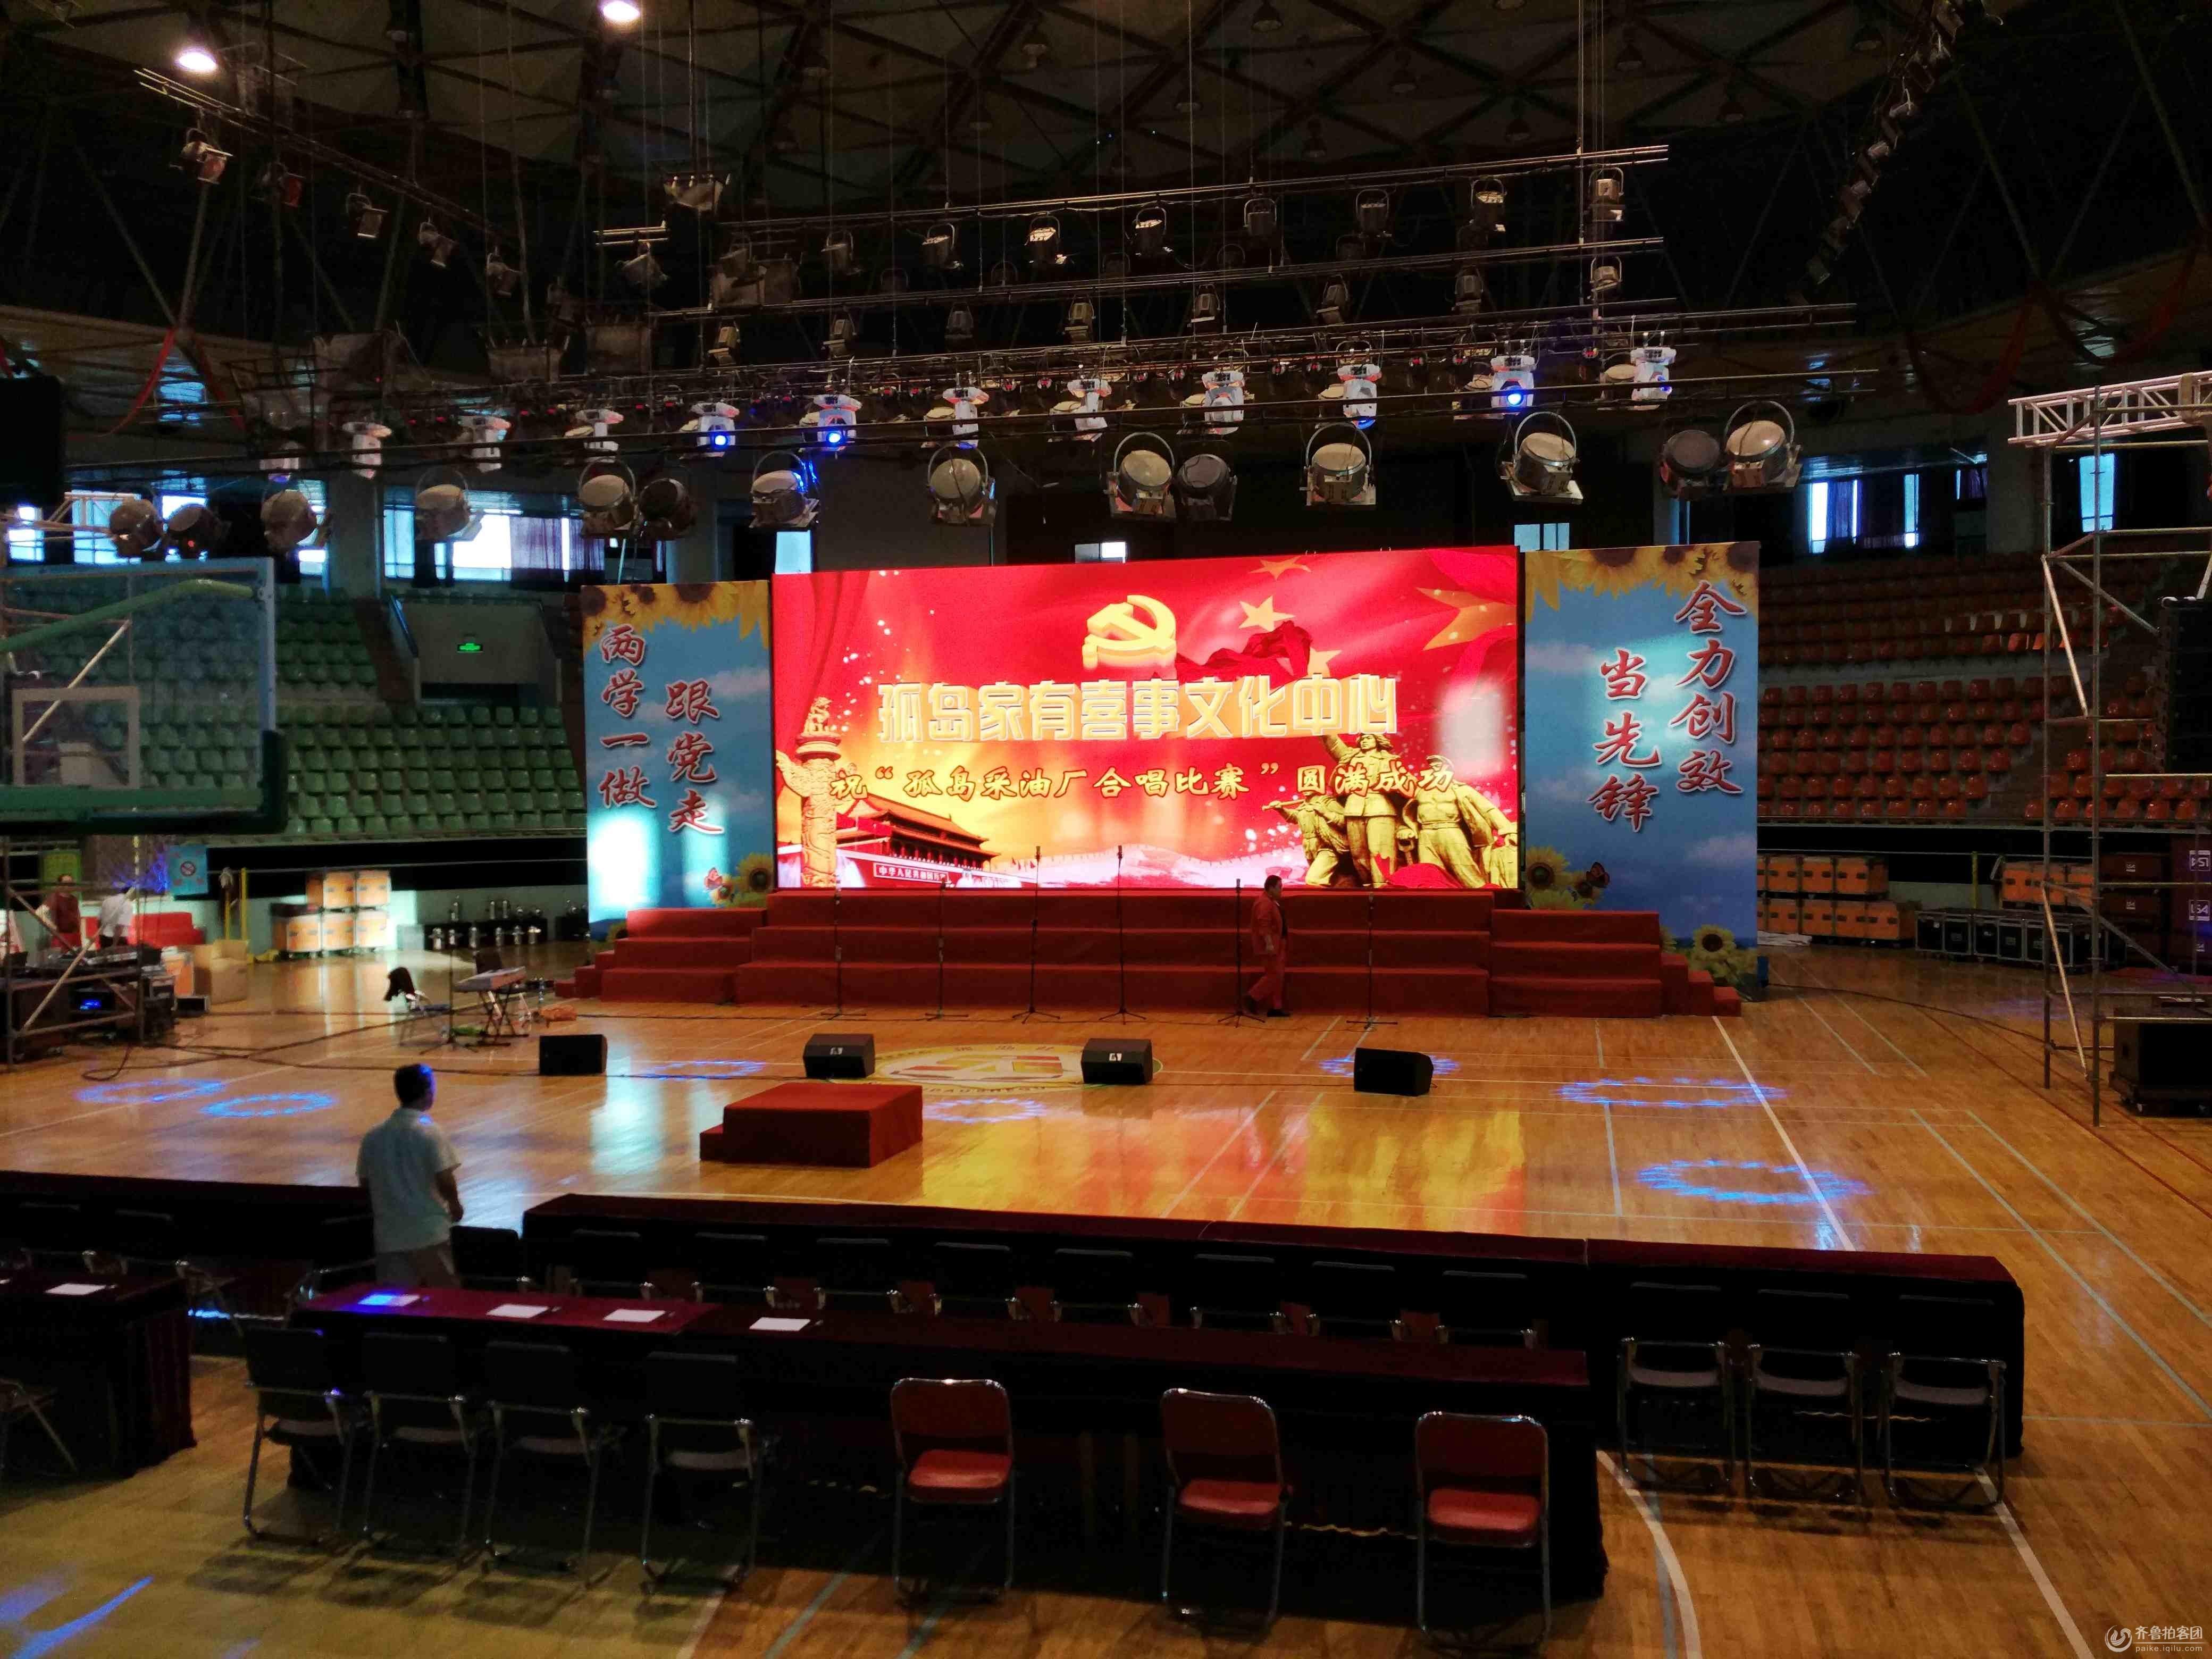 孤岛庆祝中国共产党建党95周年既红军长征胜利80周年合唱...